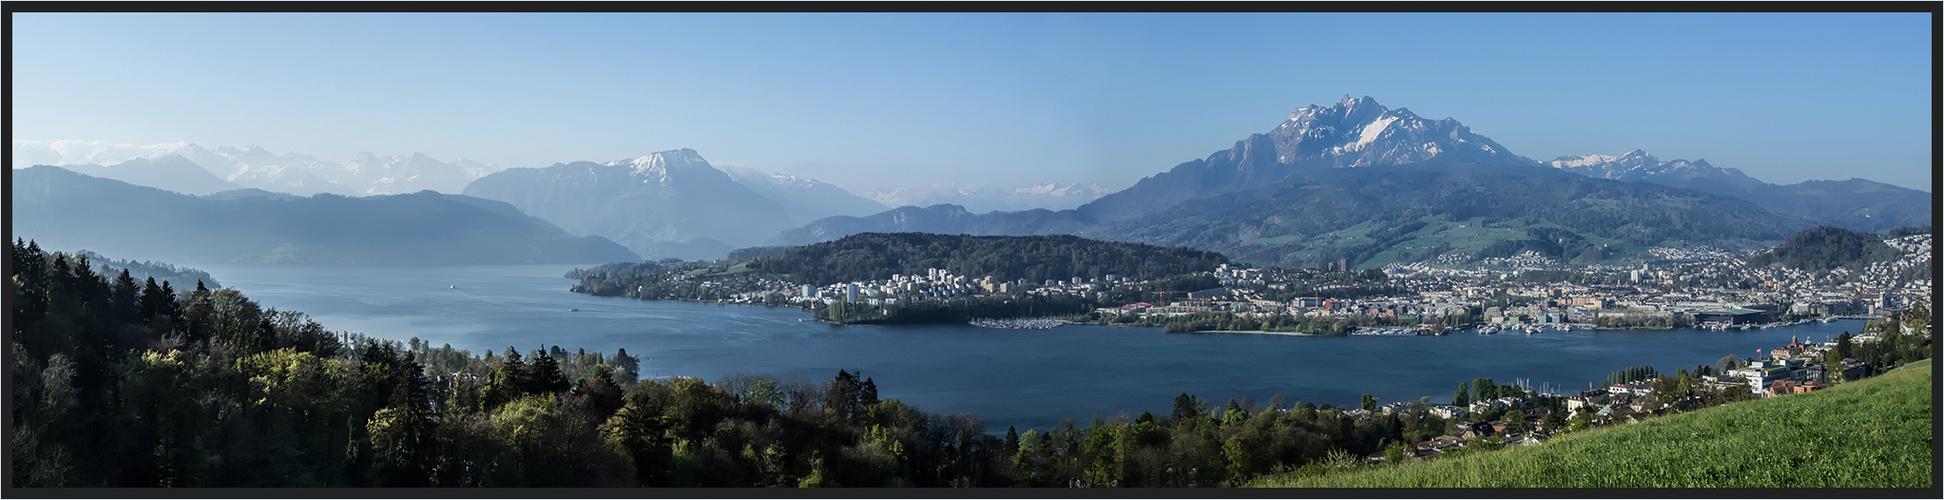 Warum in die Ferne schweifen, wenn das Gute liegt so nah!  Luzern mit leichtem Dunst im Hintergrund.